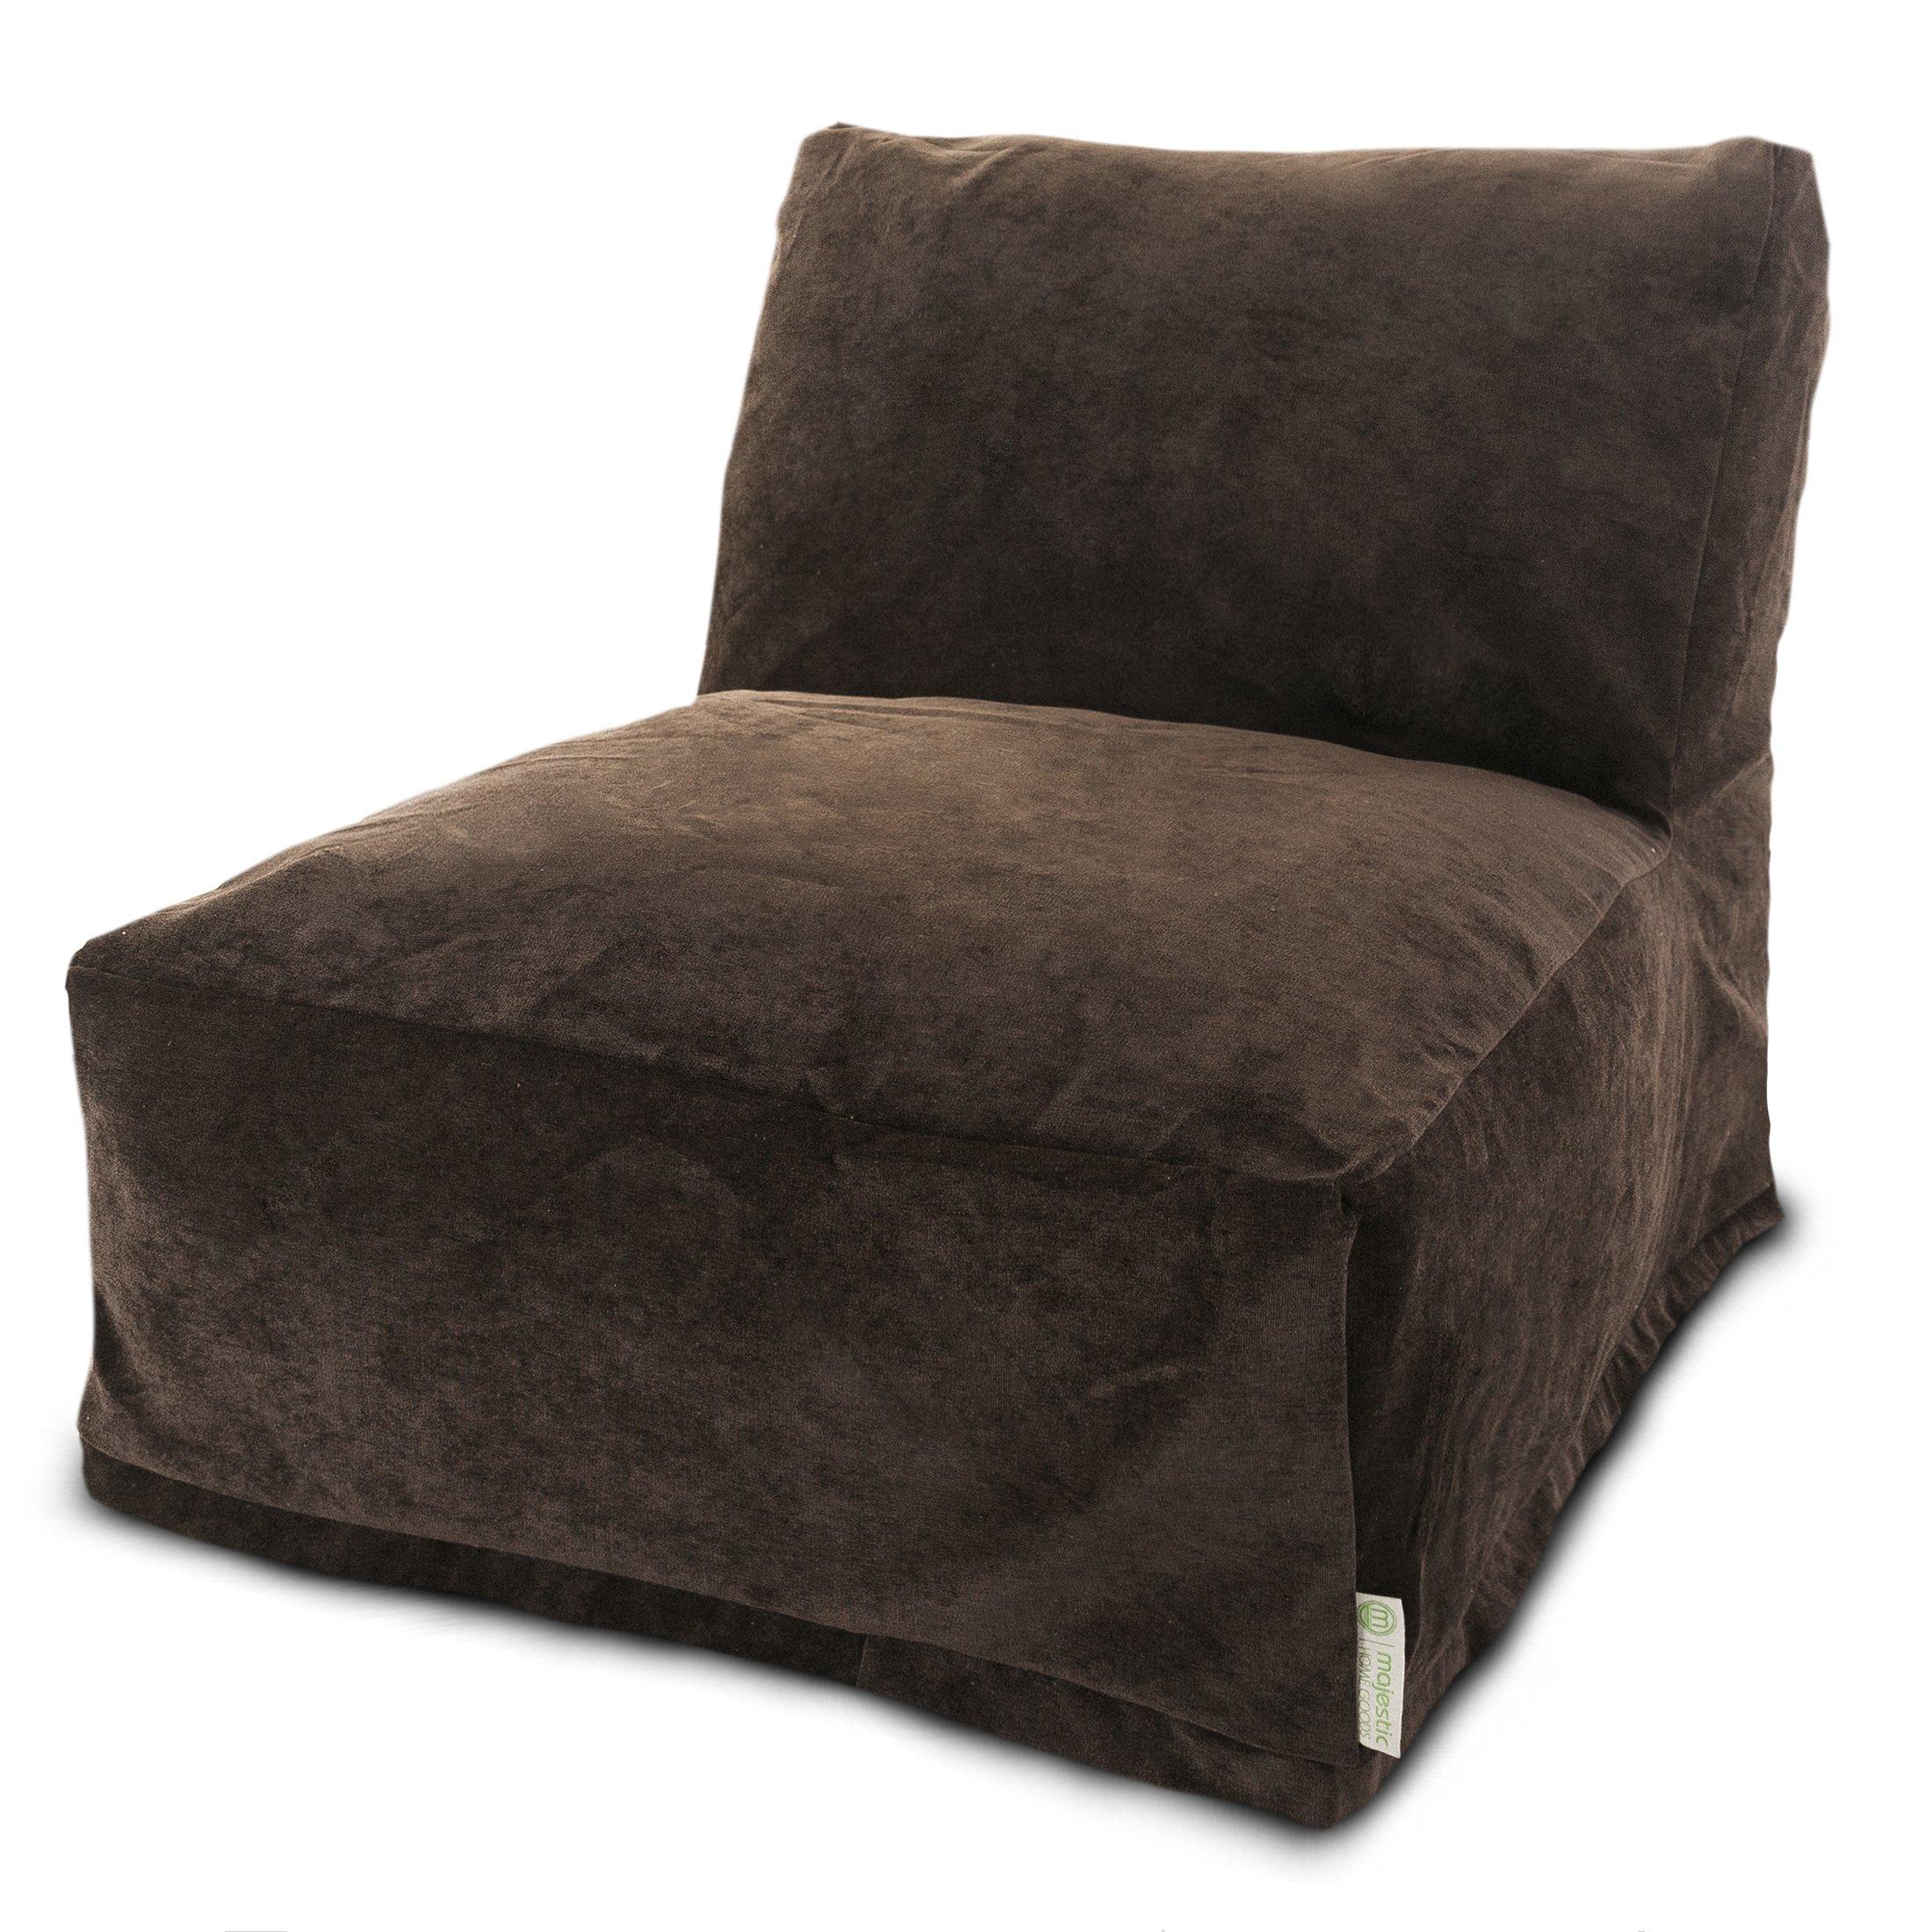 Majestic Home Goods Villa Storm Bean Bag Chair Lounger